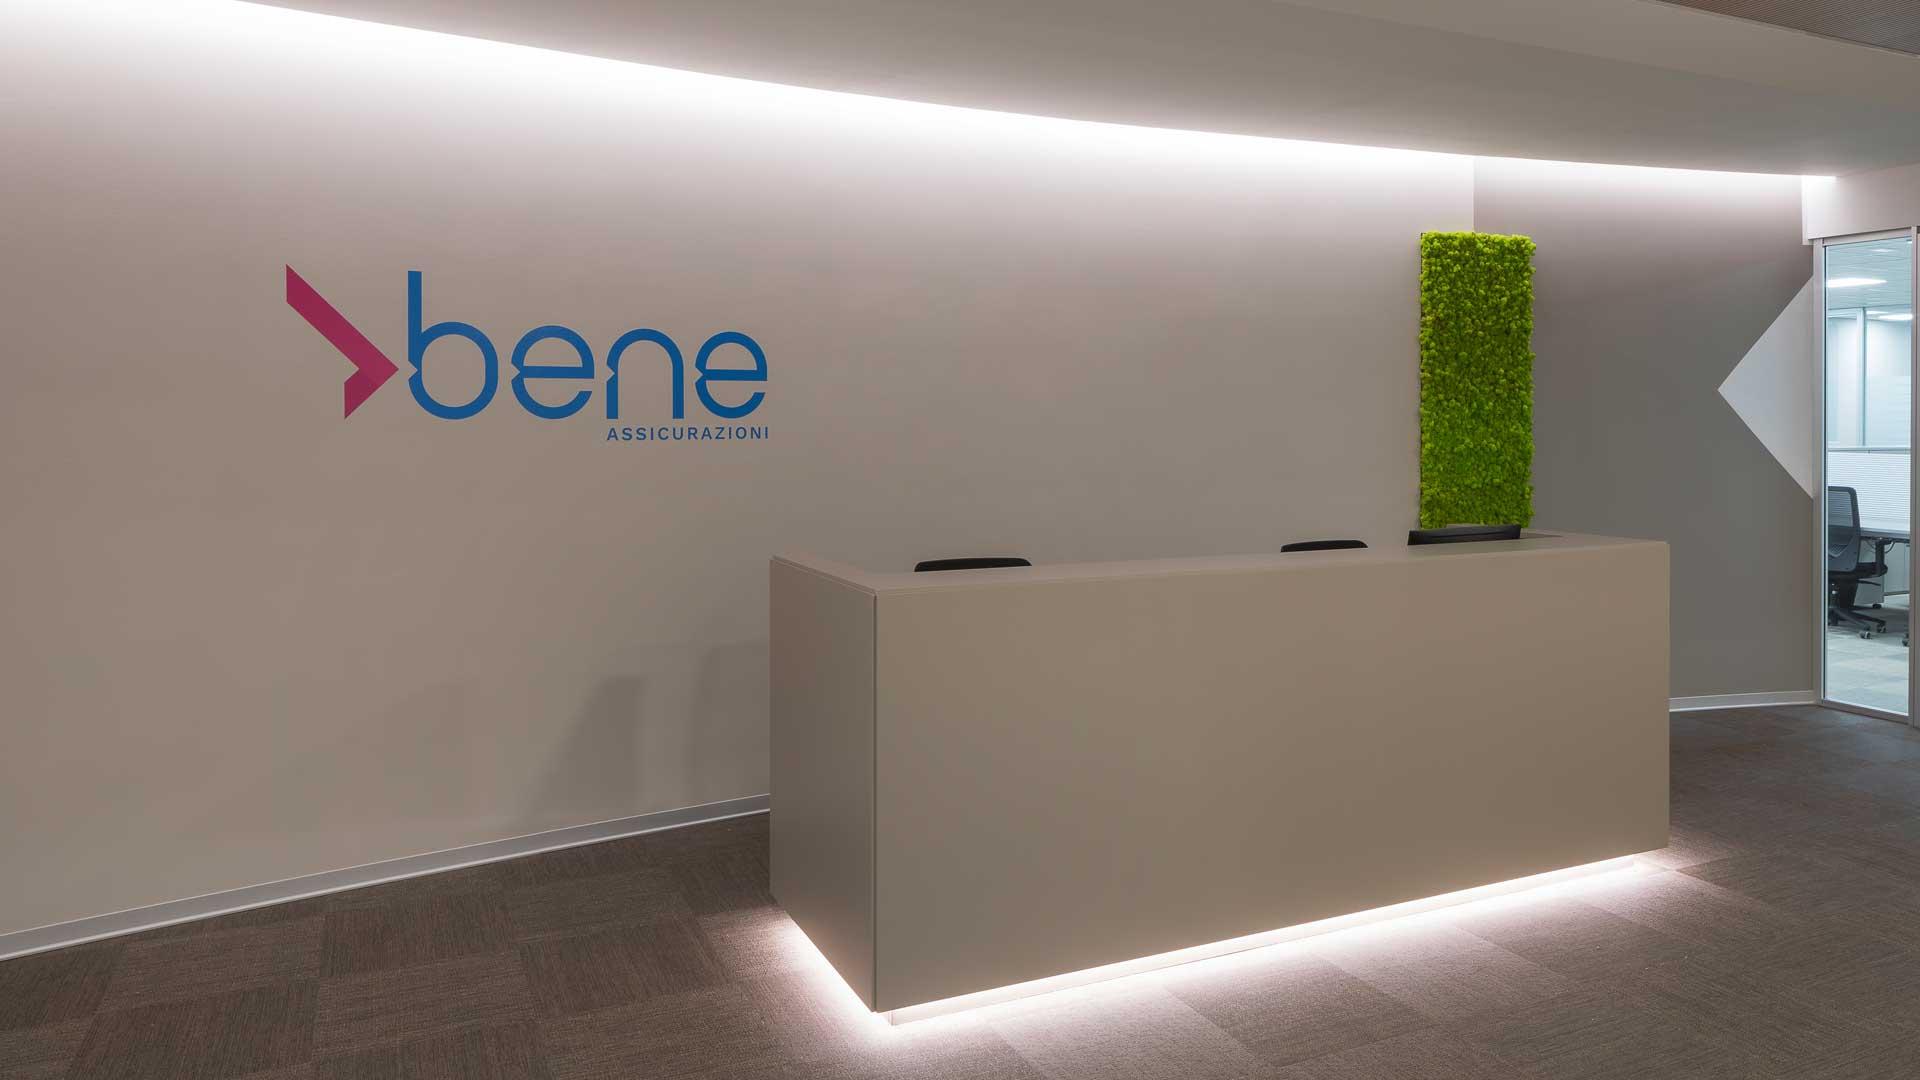 Illuminazione-integrata-nell'arredo-ufficio-Bene-assicurazioni